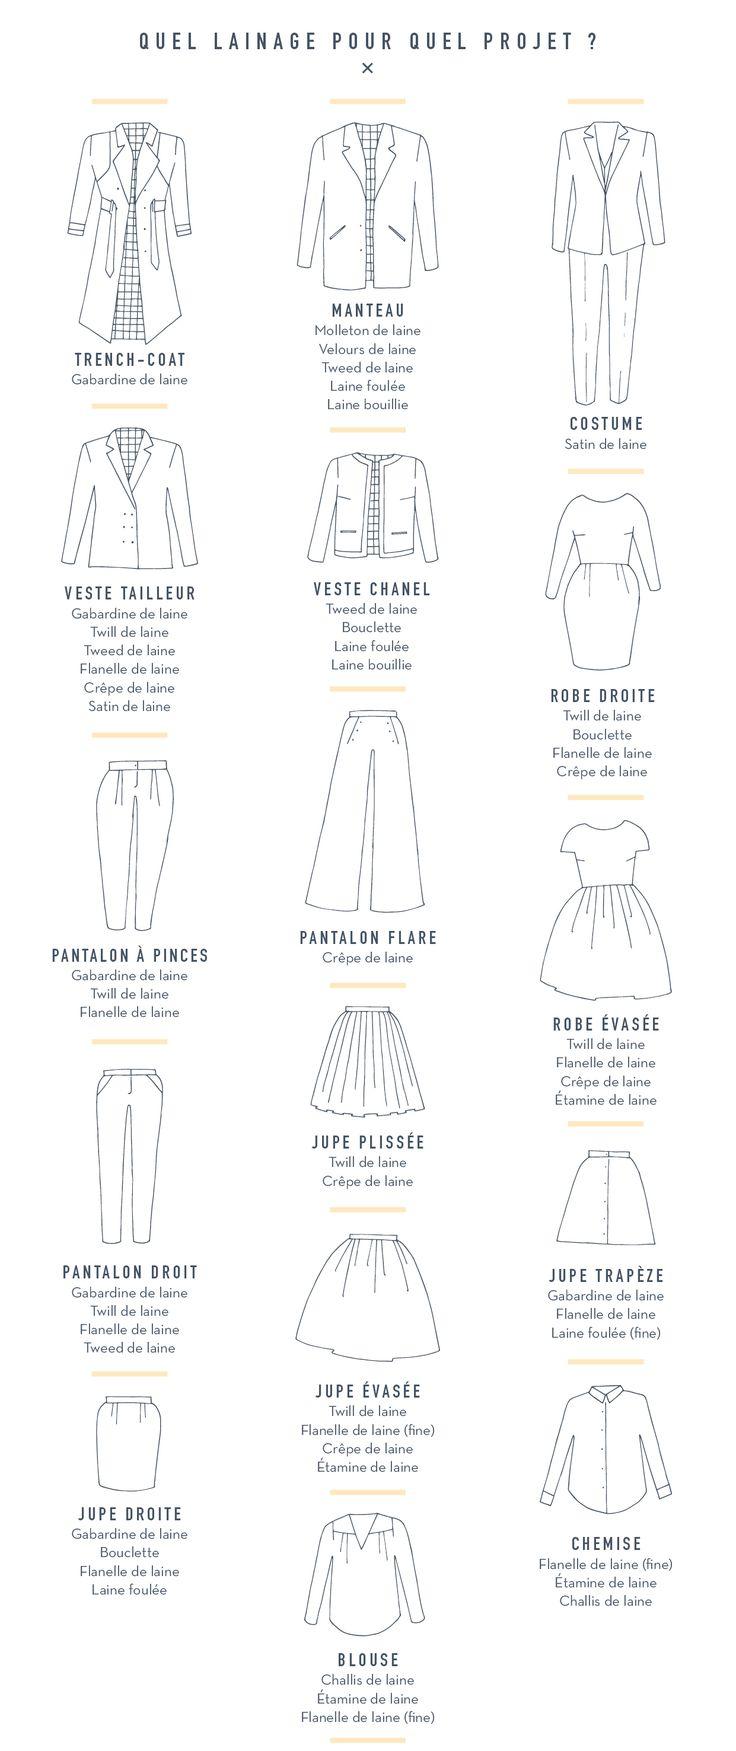 Quel lainage pour quel projet couture ? http://artesane.com/tissus-en-laine-et-lainage/